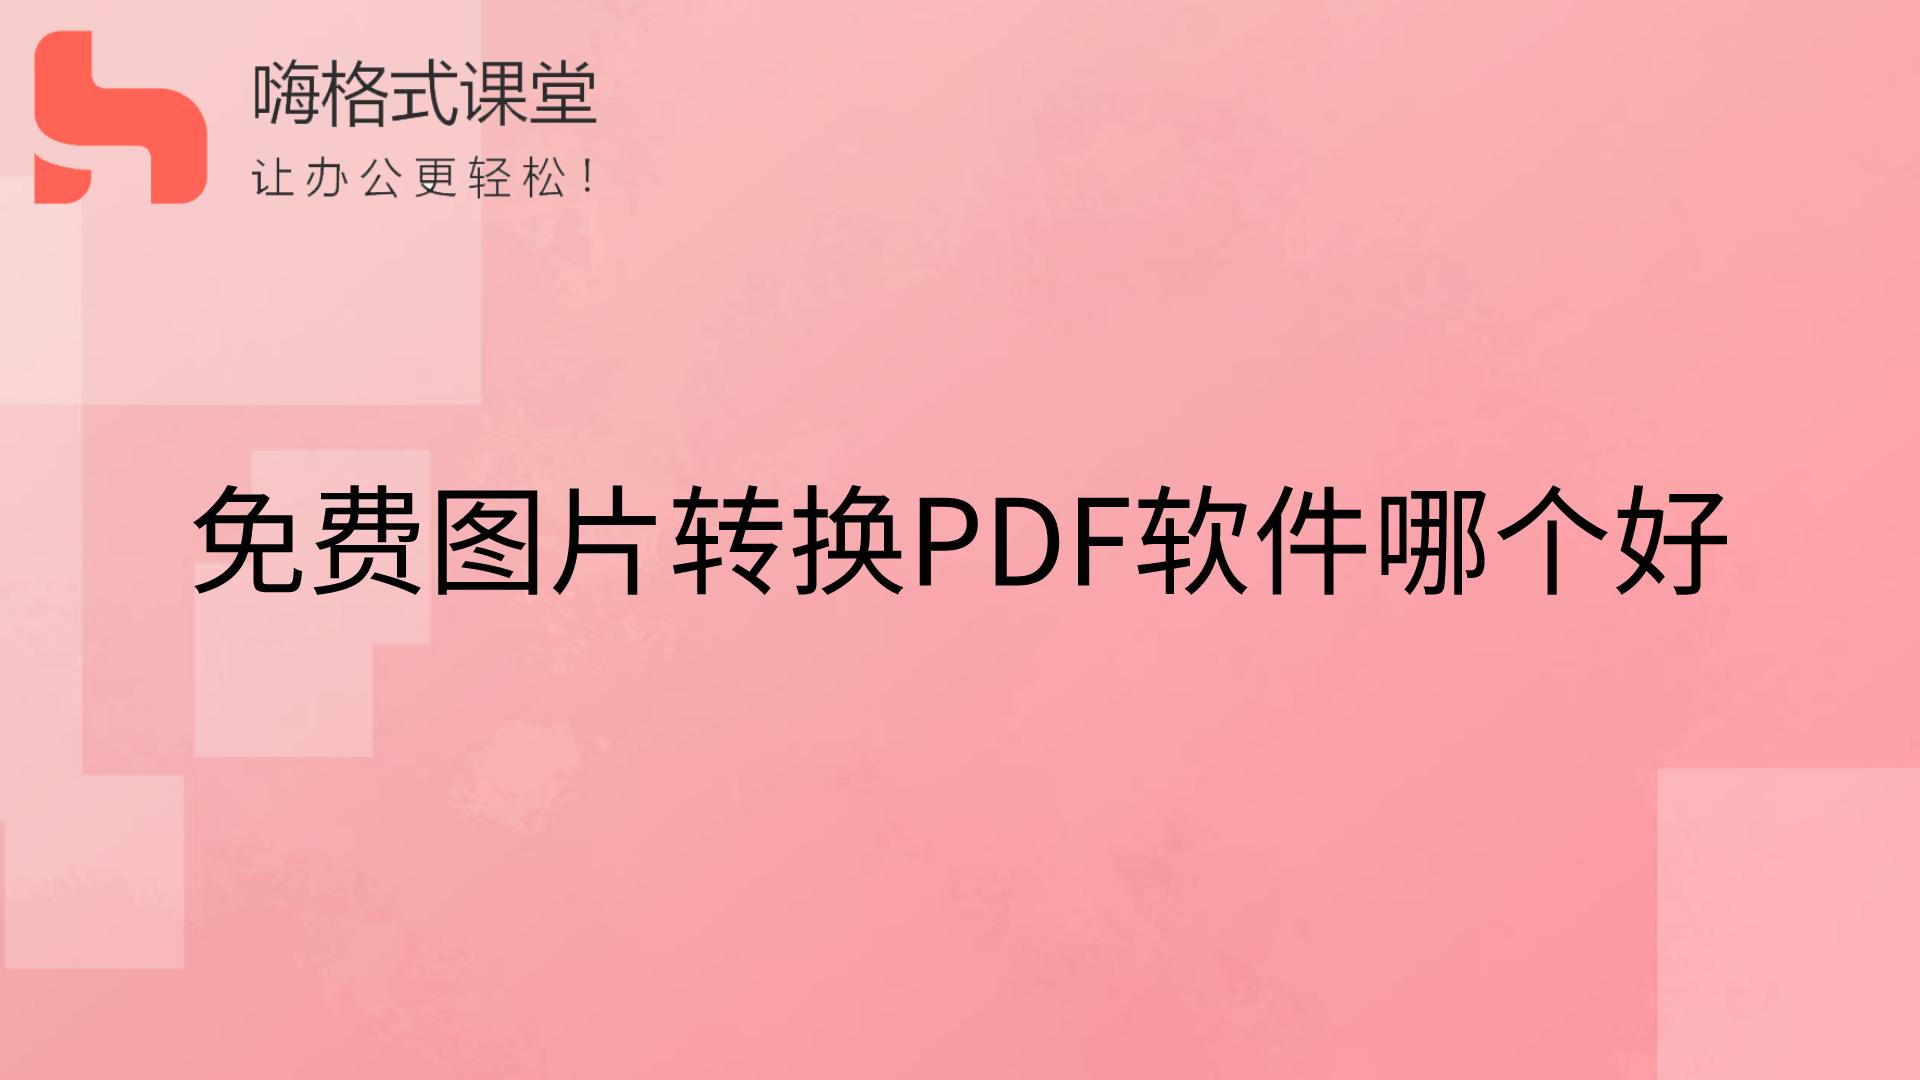 免费图片转换PDF软件哪个好